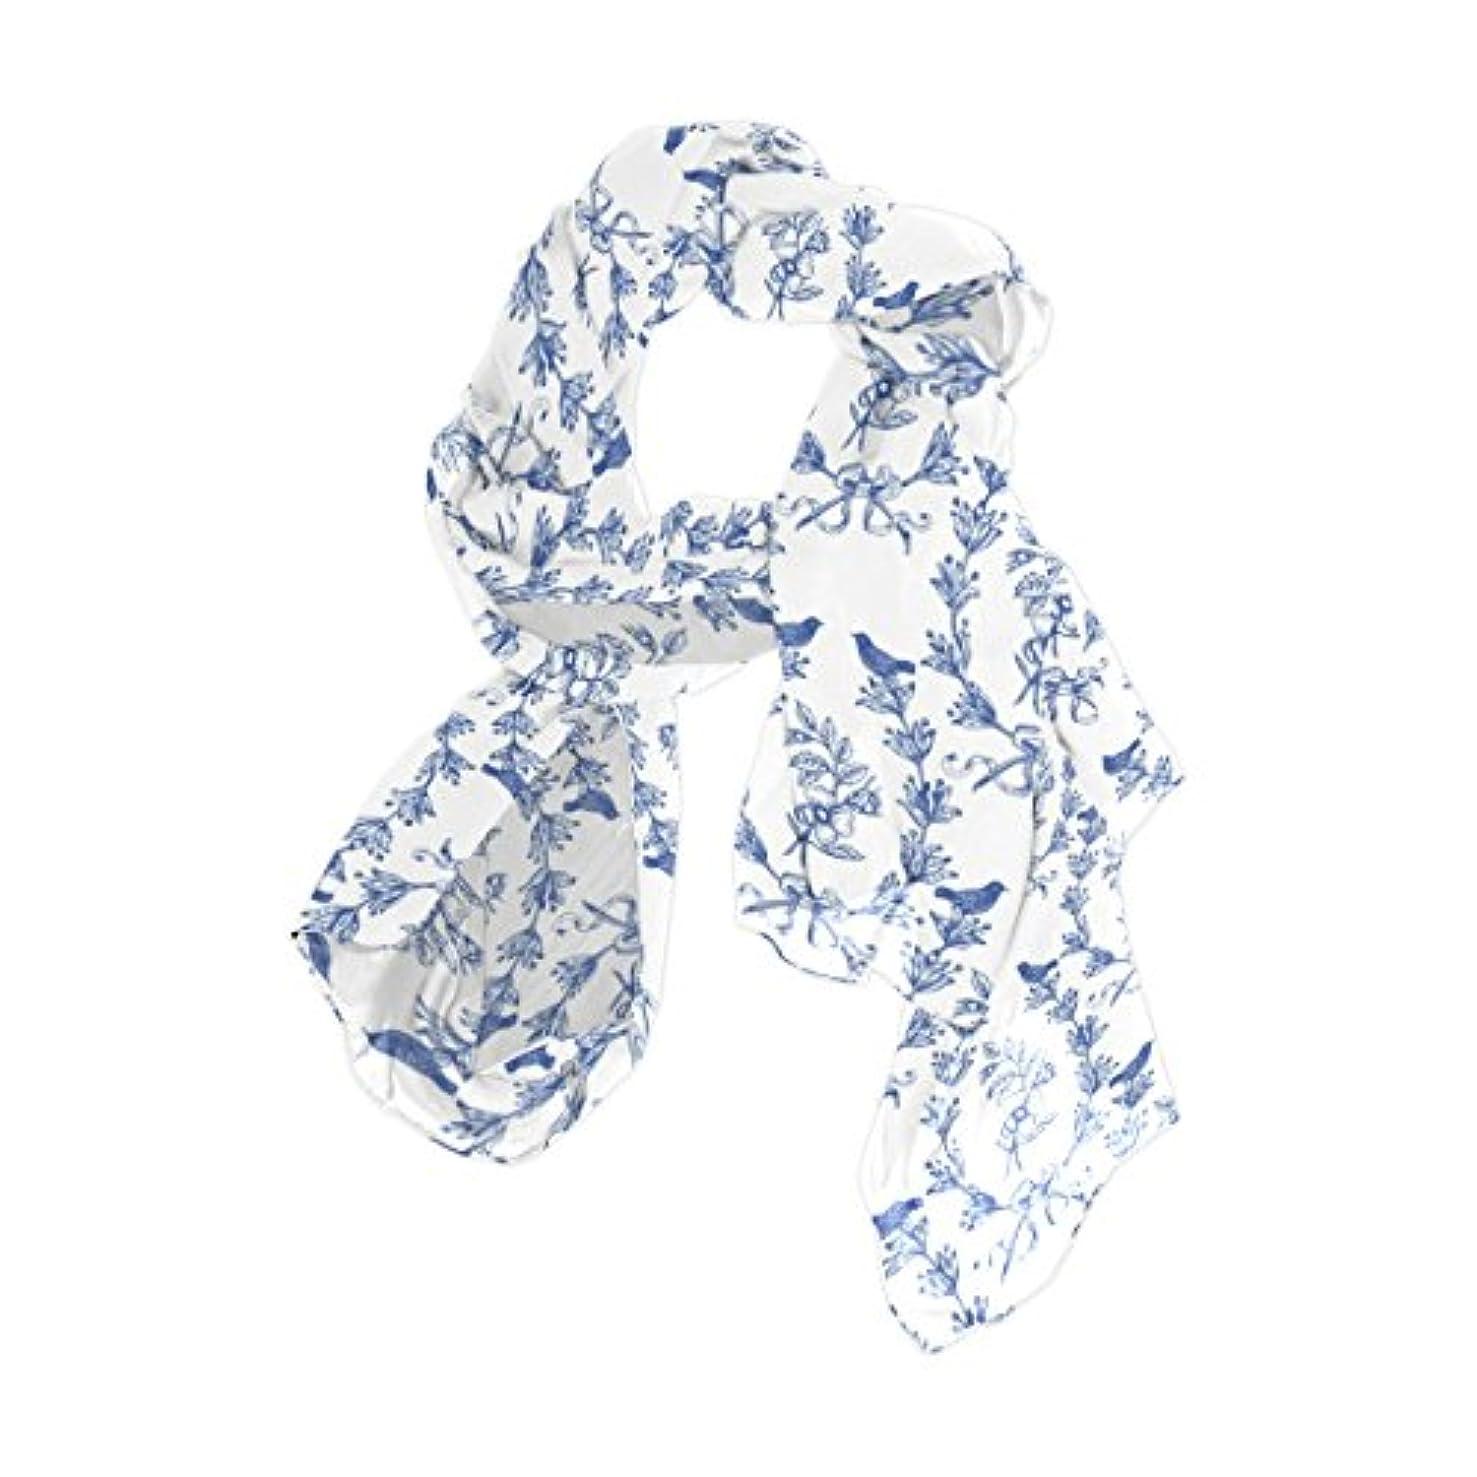 さようなら二度パステルマキク(MAKIKU)レディース 柔かなストール ショール スカーフ 花柄 花モチーフ 模様 ブルー ホワイト シフォン 優しい肌触り 羽織り 大判 薄手 華麗 パーティーストール ロング オフィススカーフ 90×180cm